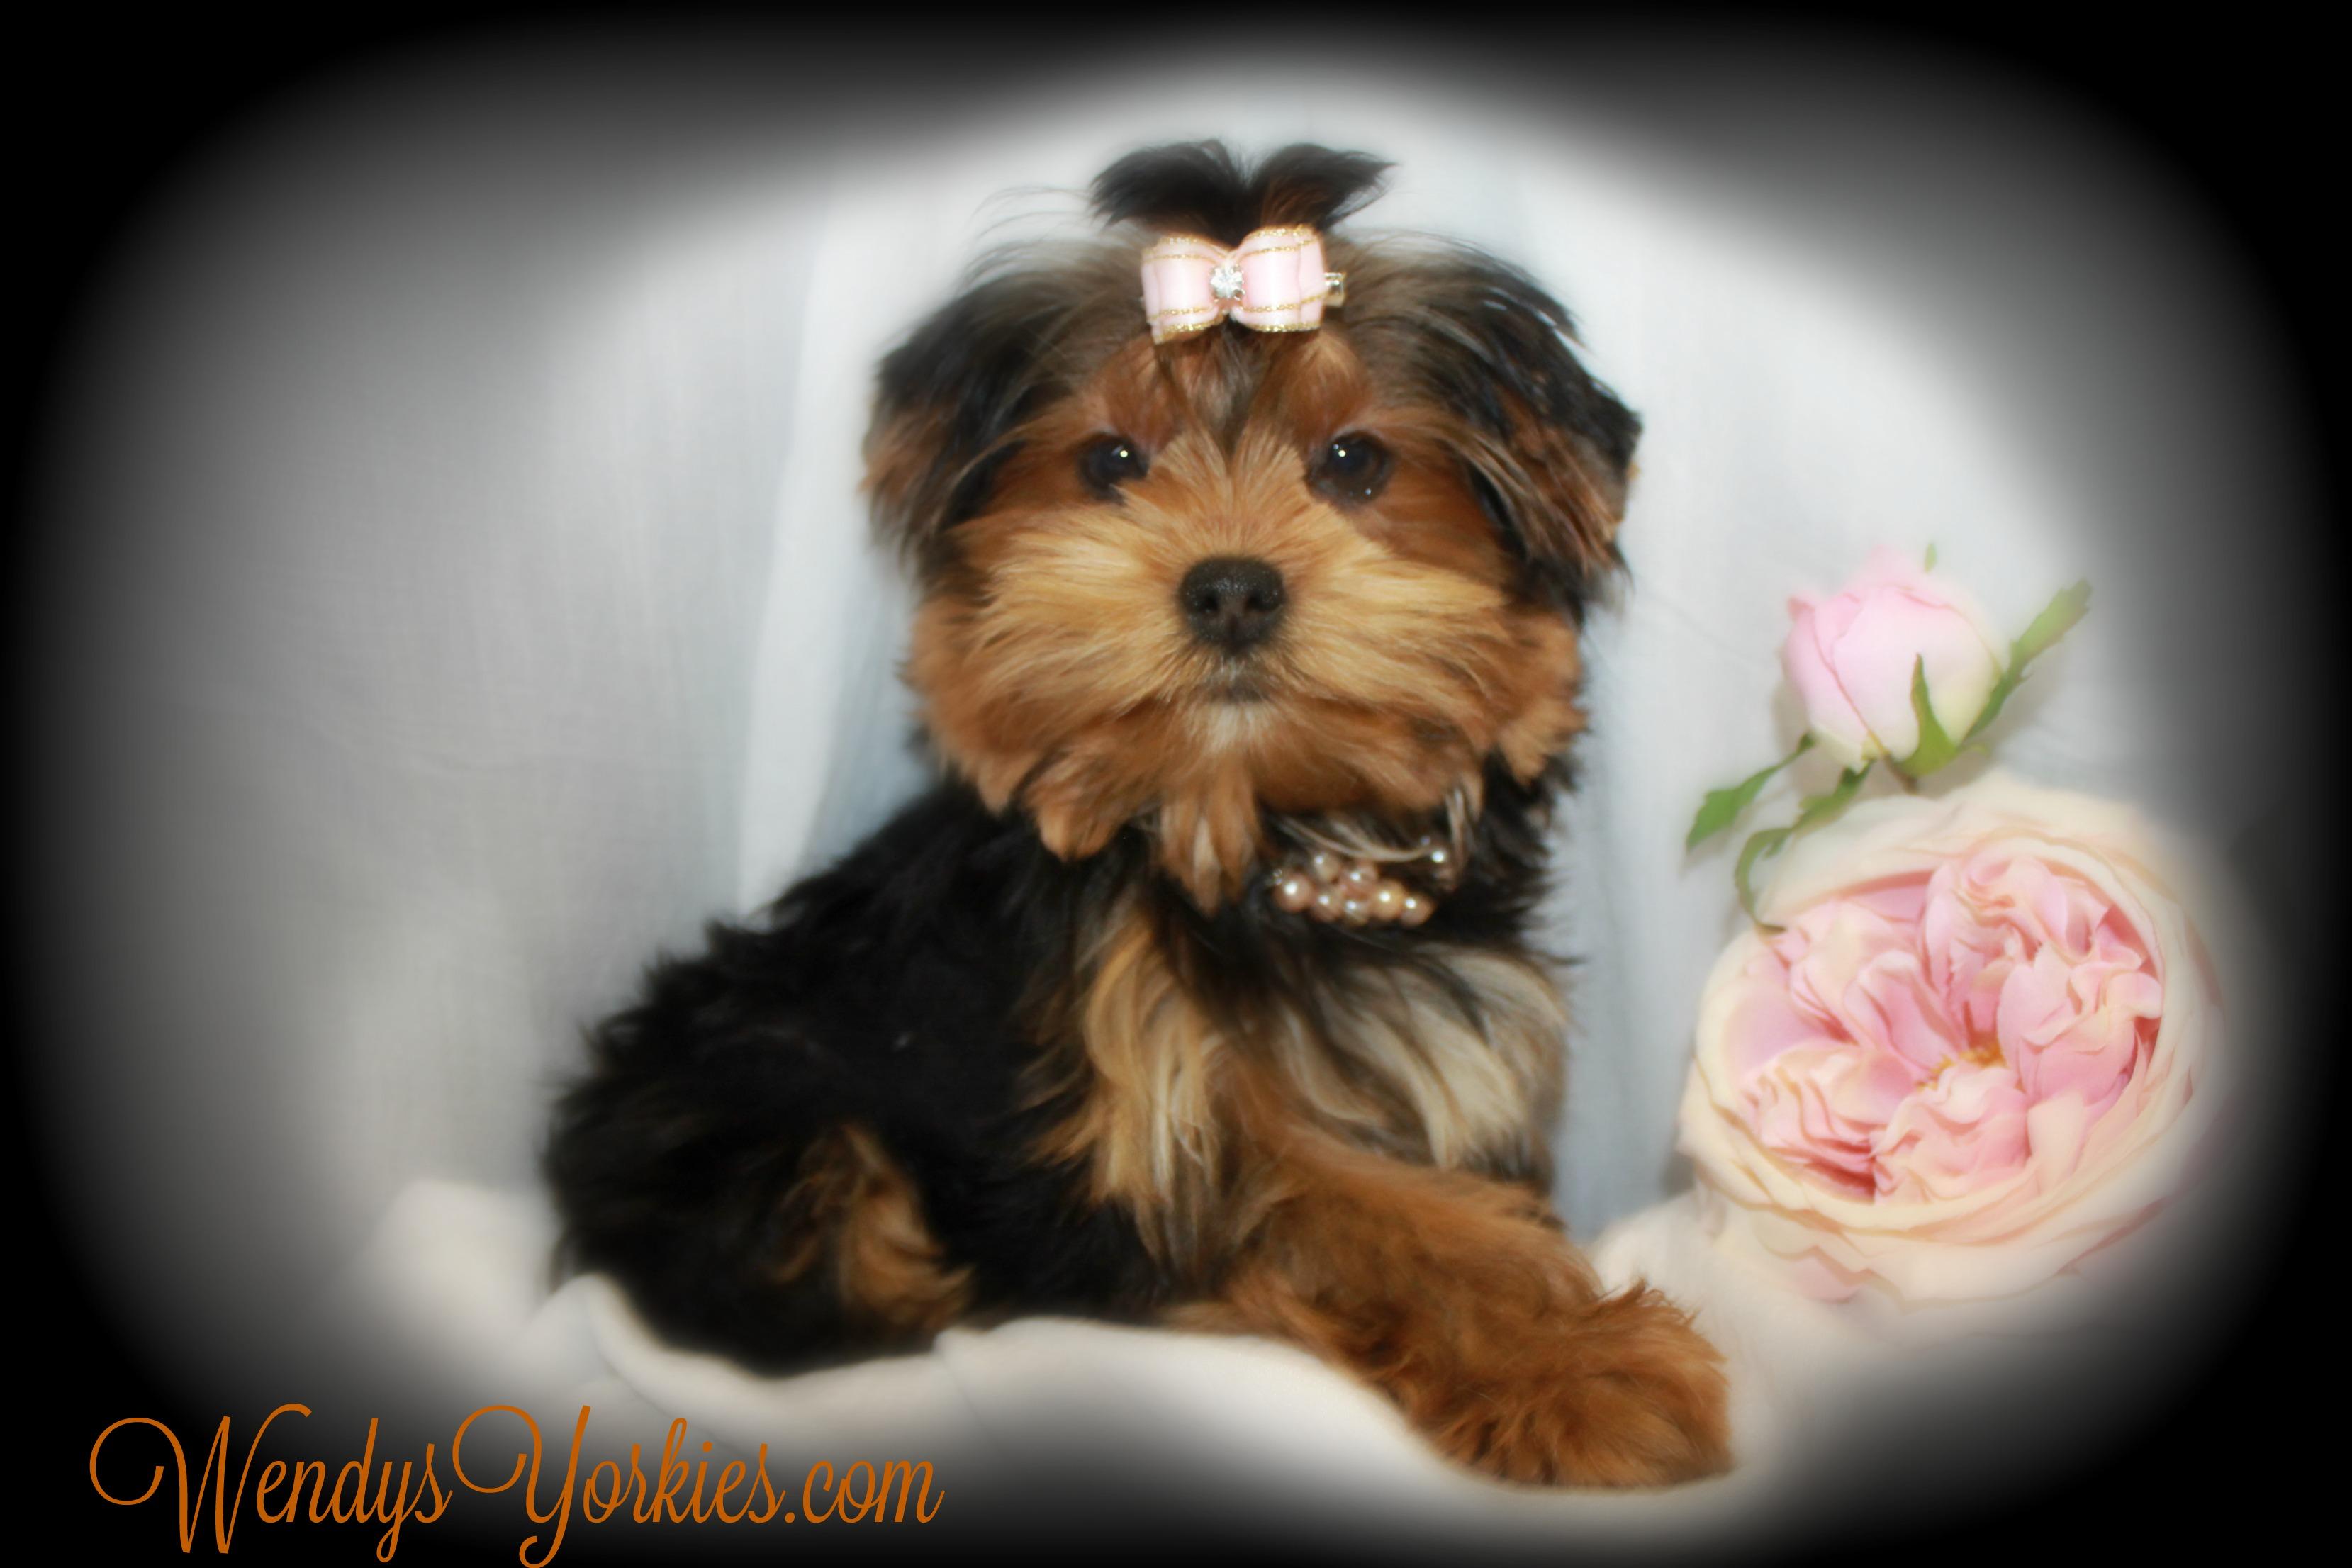 Teacup Female Yorkie puppies for sale, WendysYorkies.com, PhoebeDixie